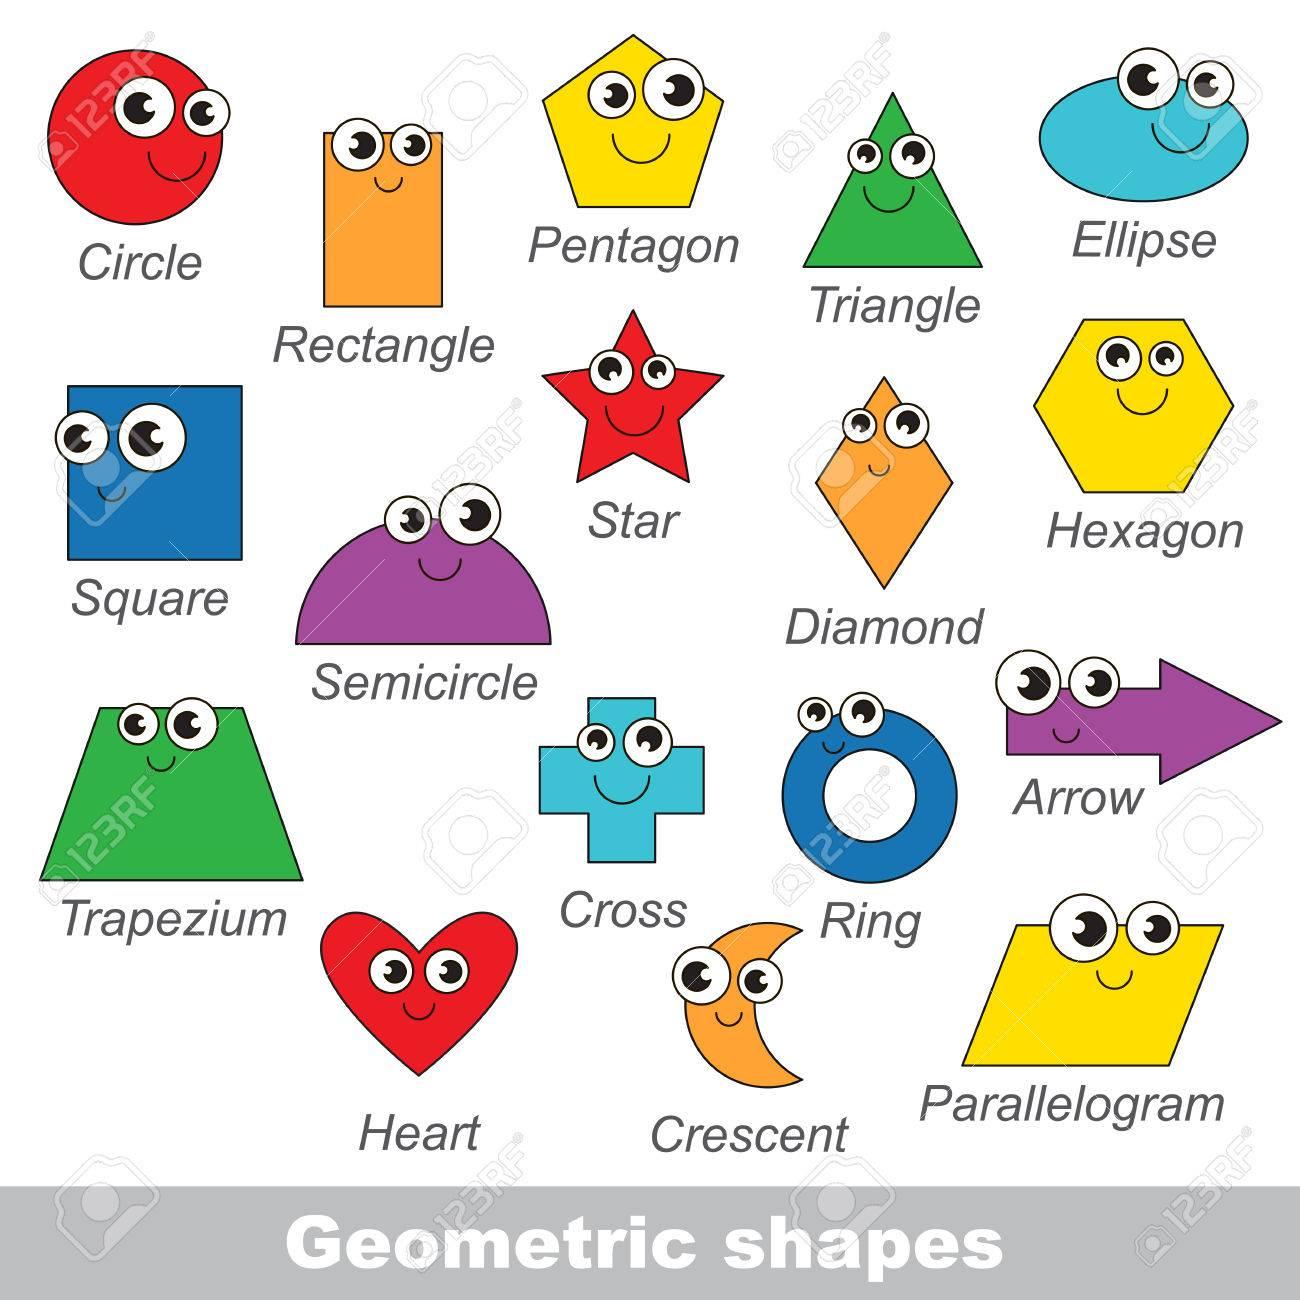 Les Formes Géométriques Définies Dans Le Vecteur, La Version Colorée. dedans Les Formes Geometrique